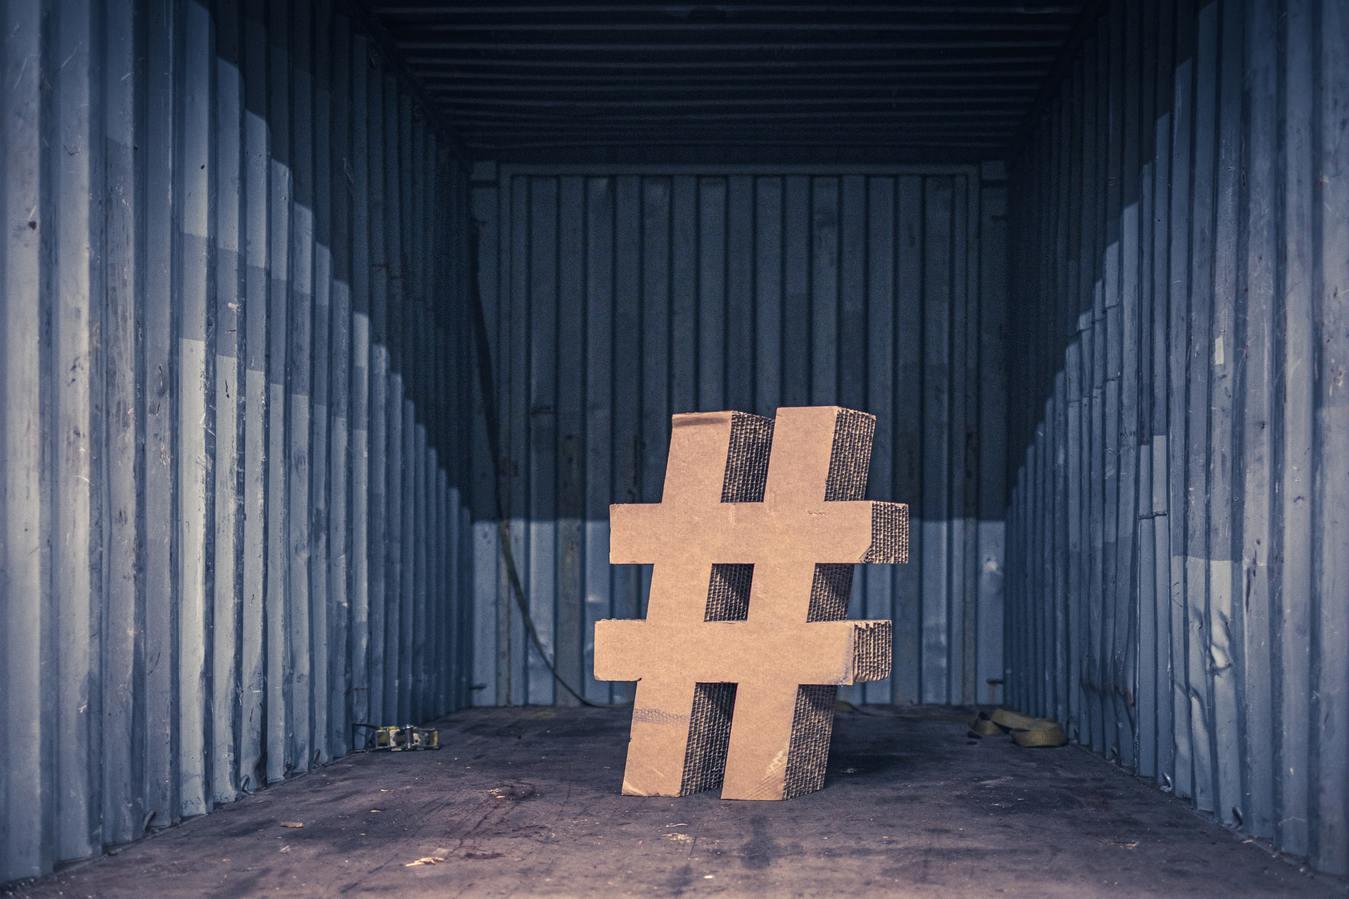 panneau de hashtag en carton dans le conteneur d'expédition